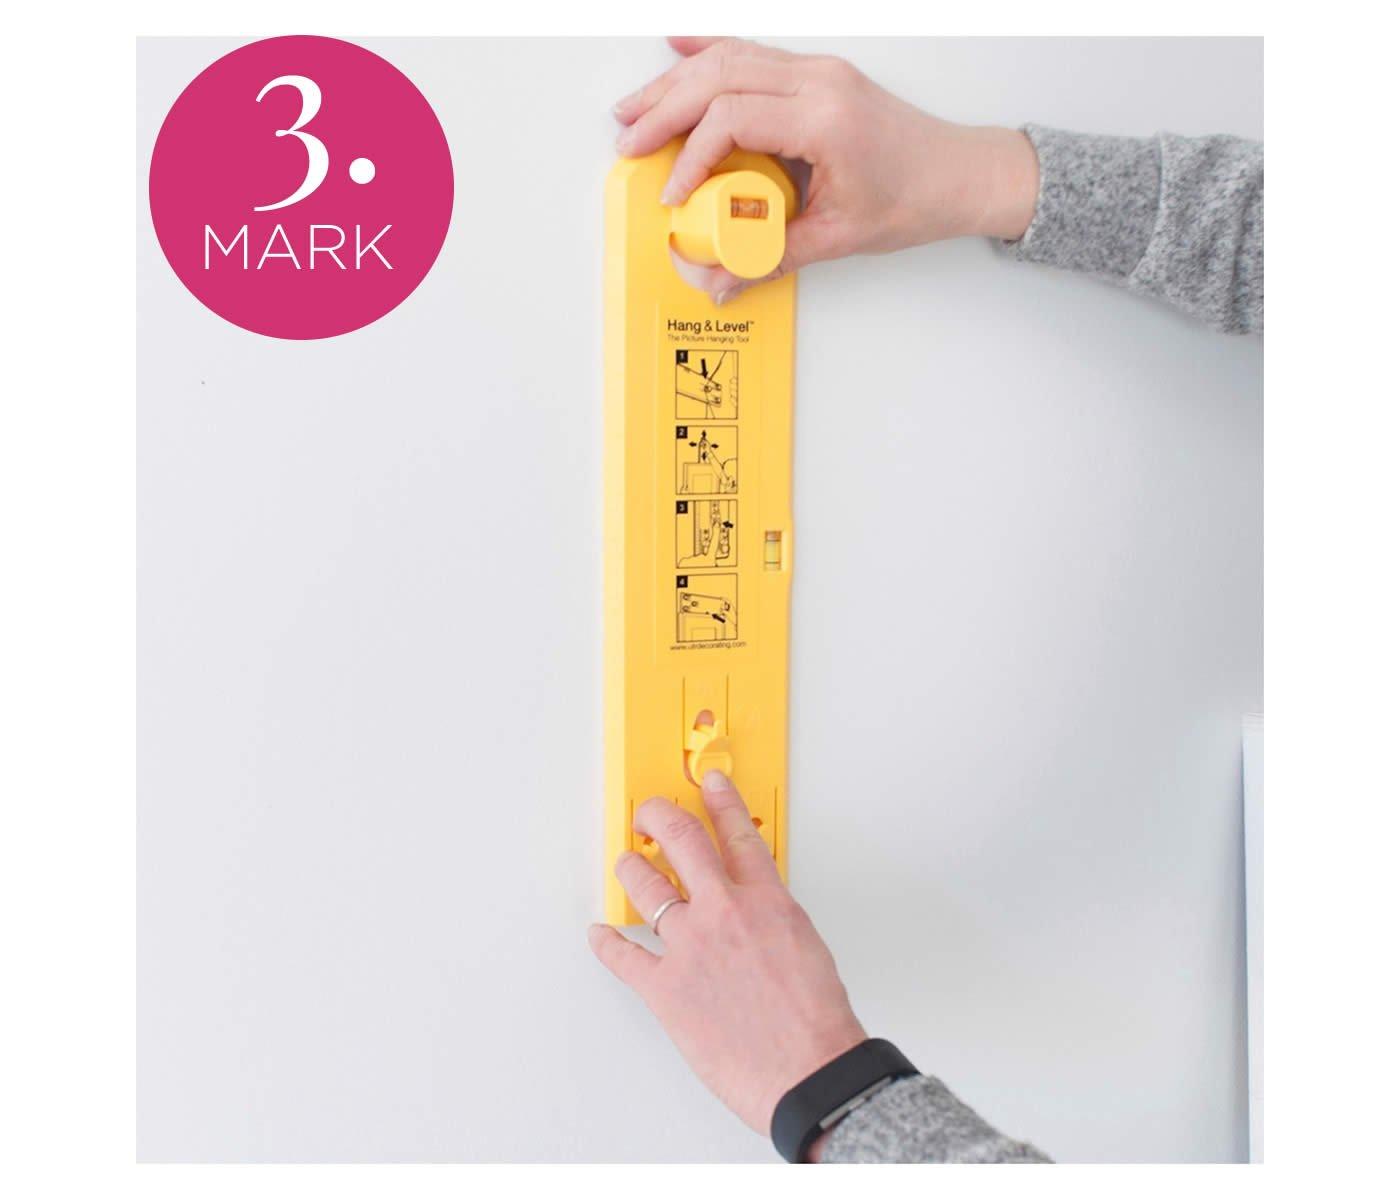 3-MARK